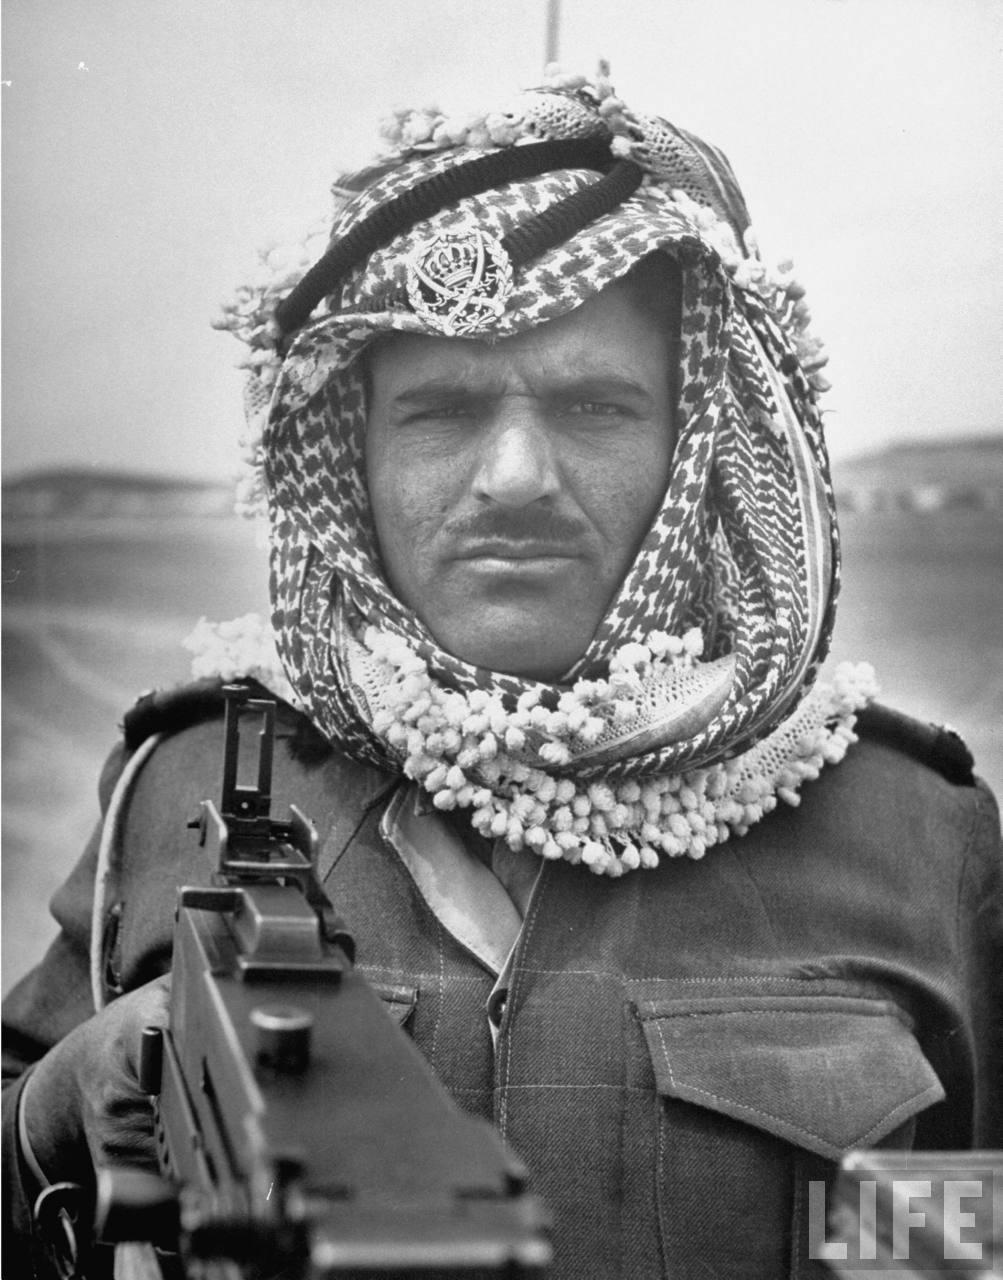 Арабский Легионер направляет свое оружие на Джона Филлипса, Апрель